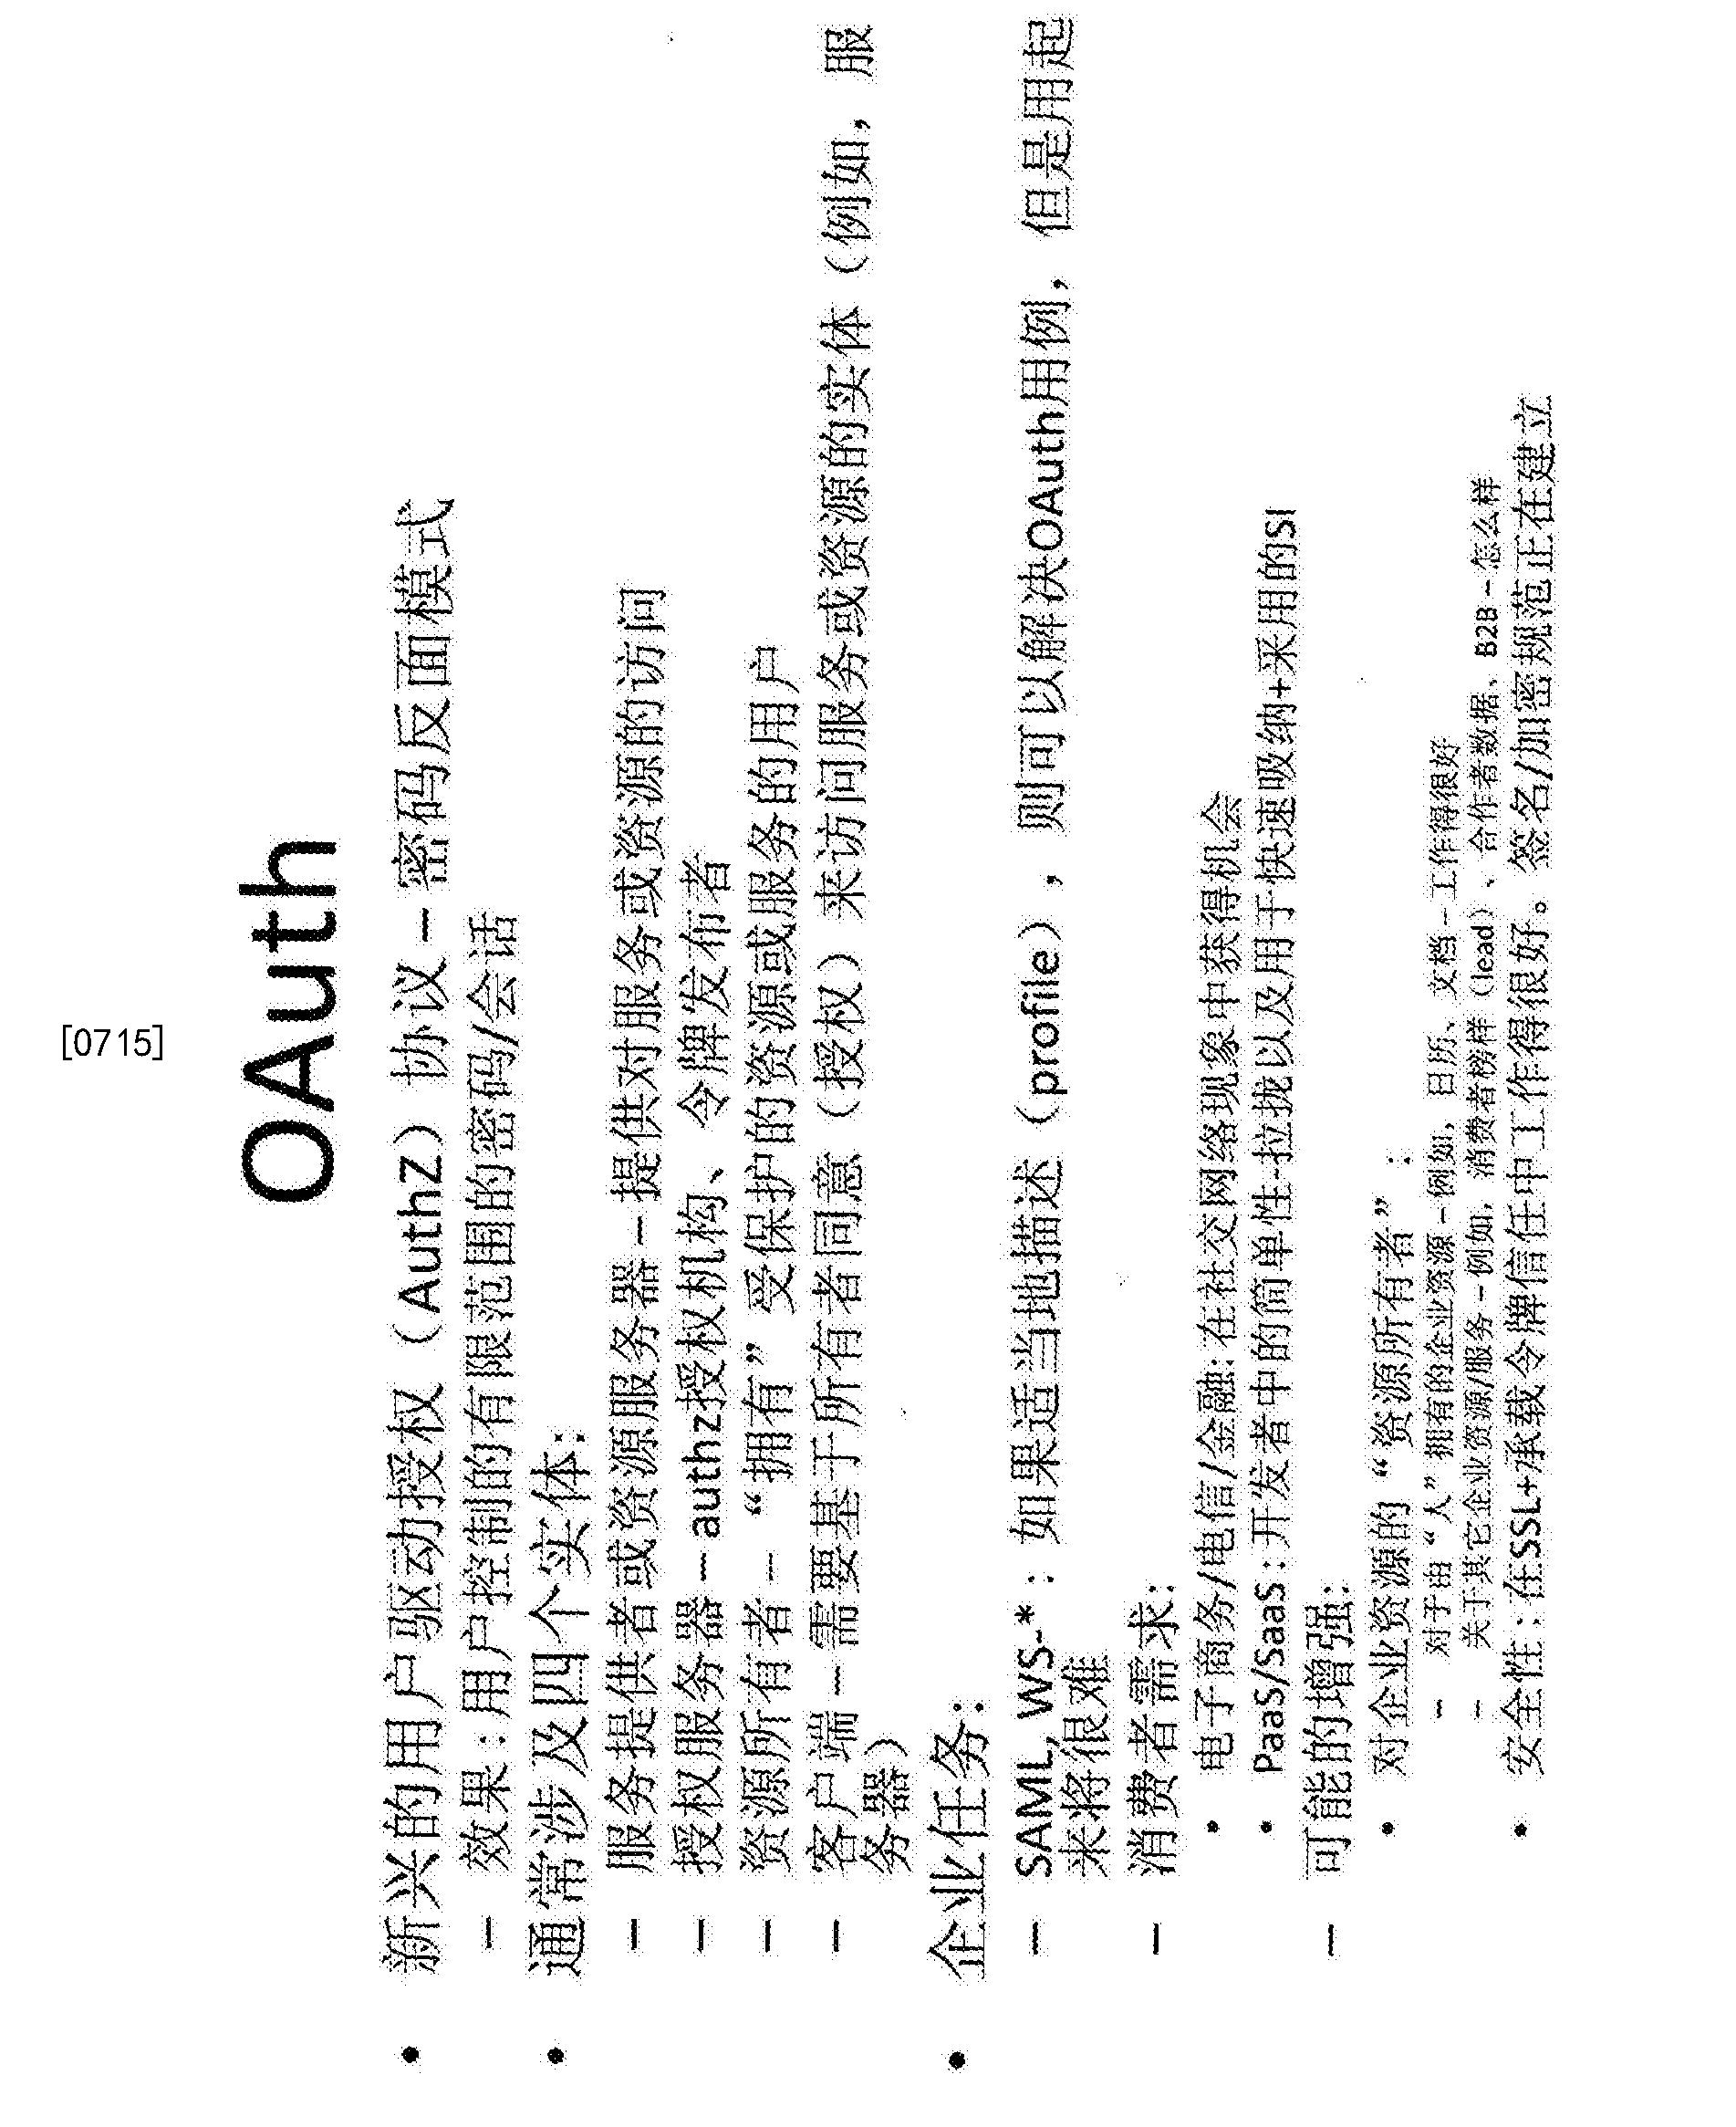 Figure CN104255007BD00911